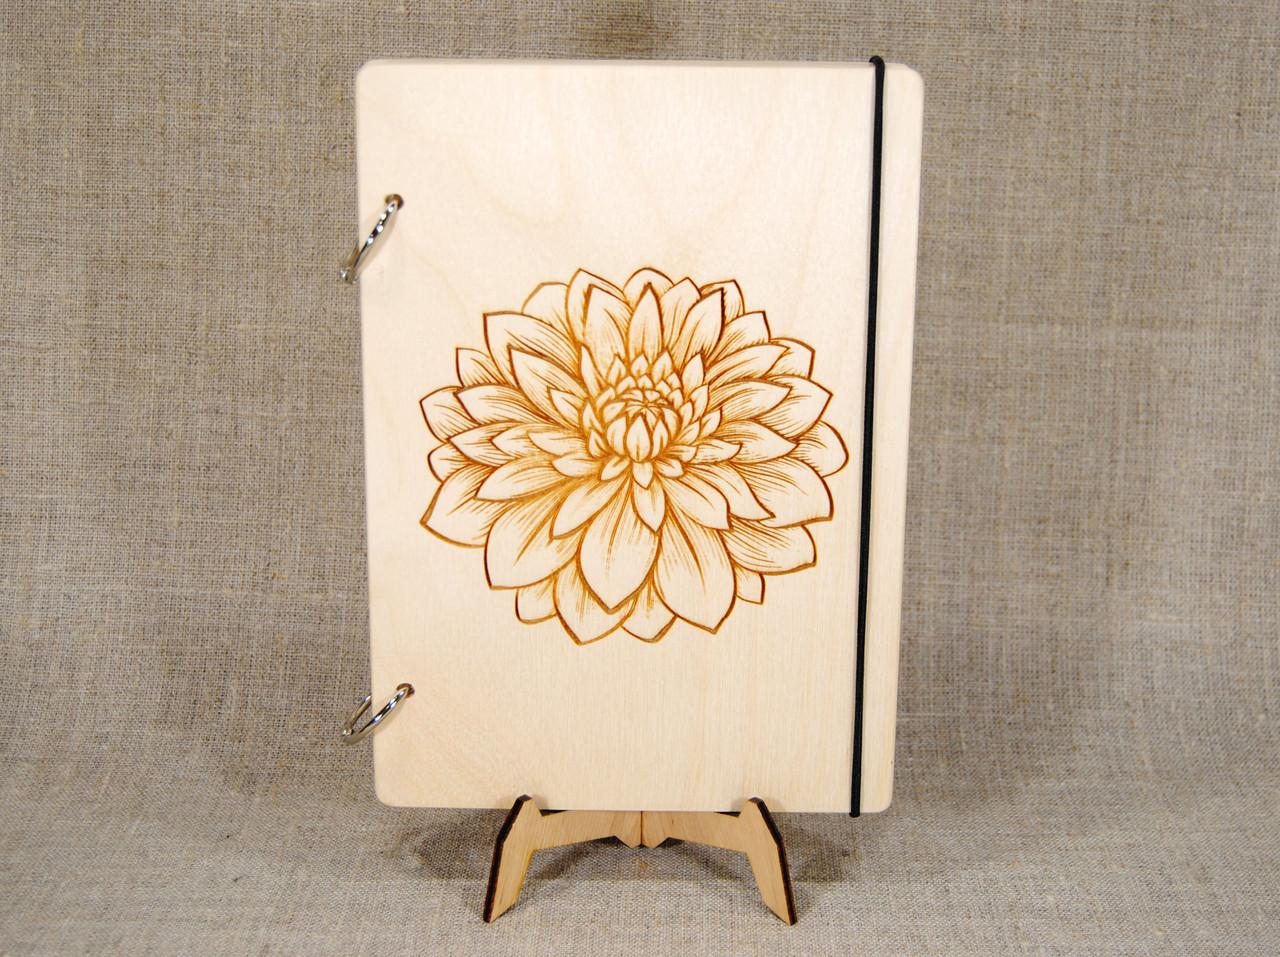 Скетчбук A5. Блокнот с деревянной обложкой с цветком